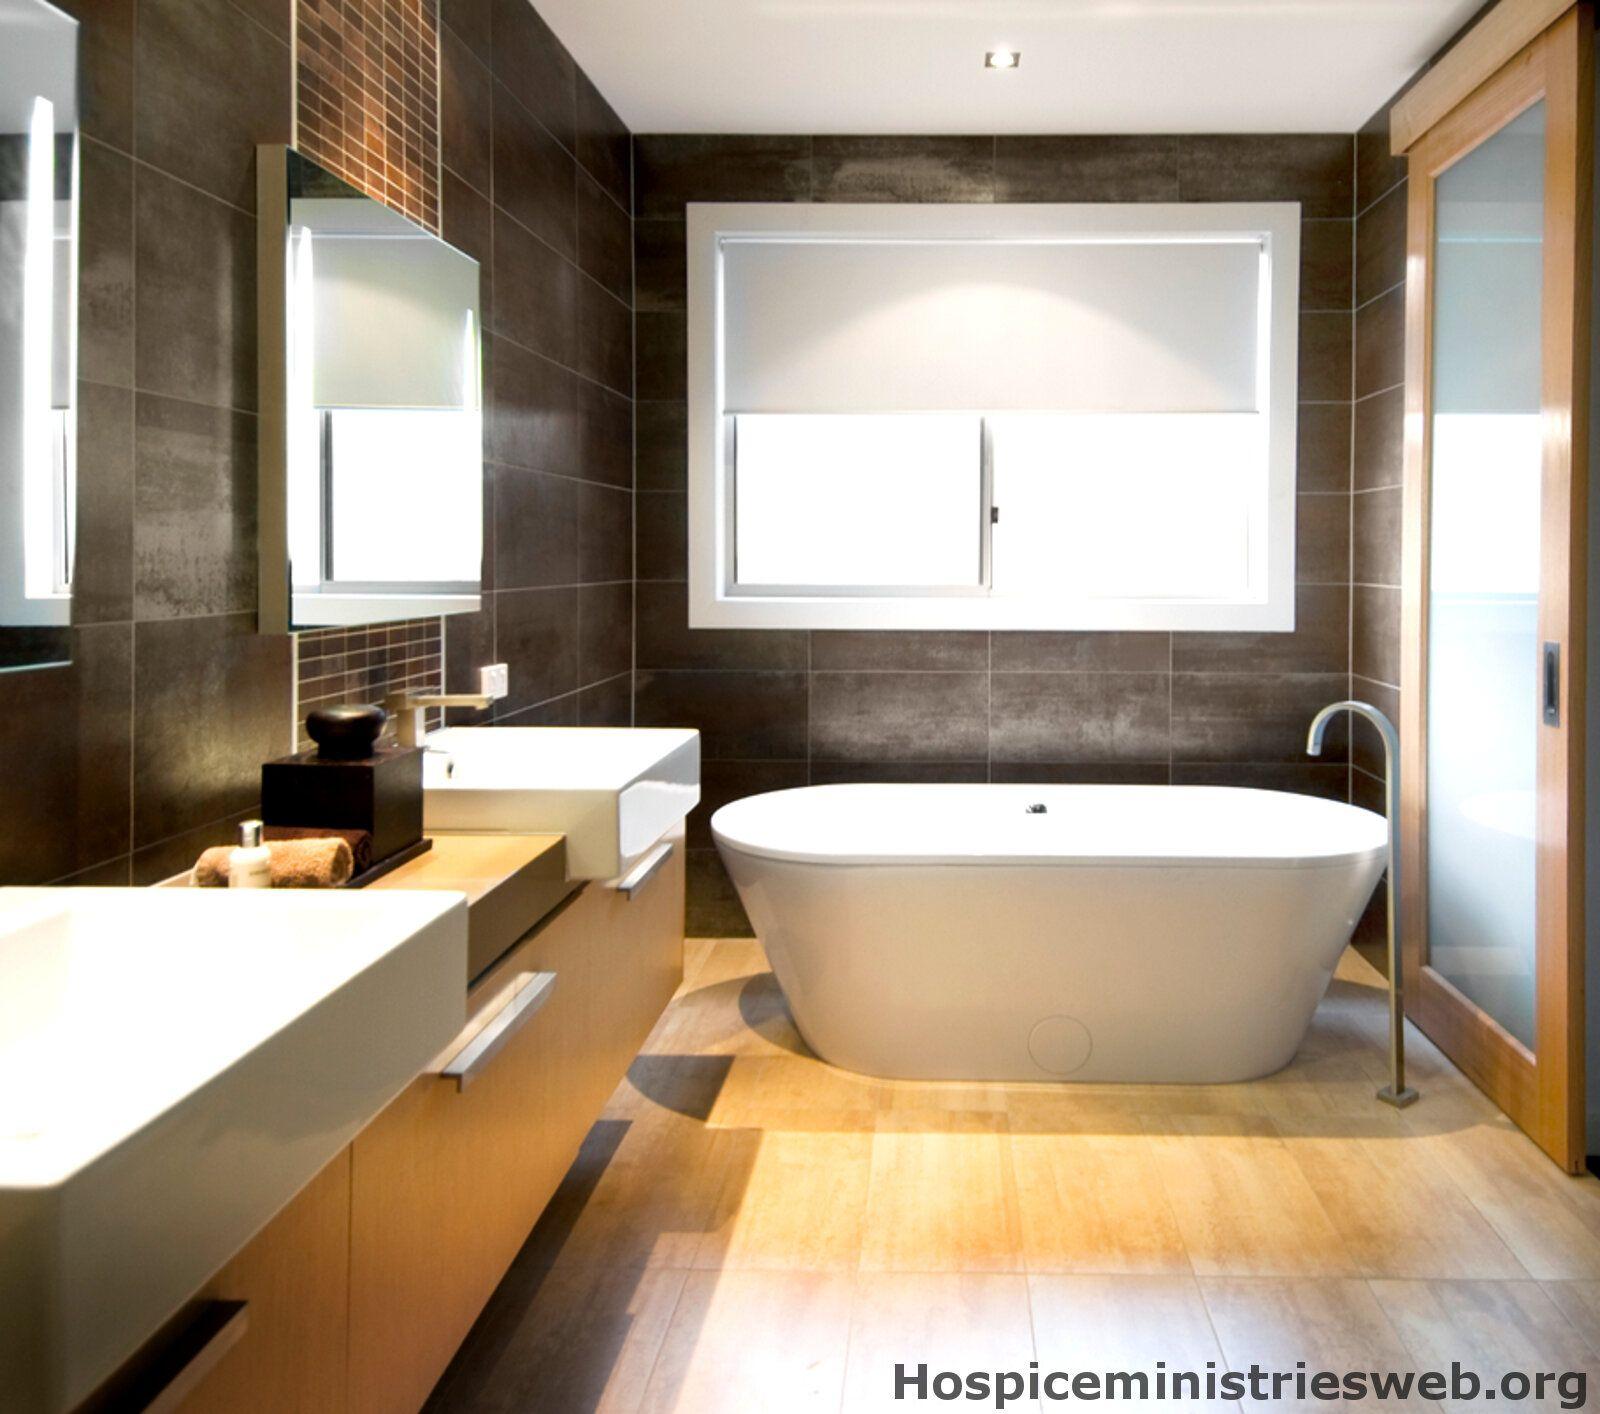 35 Ideen Für Badezimmer Braun Beige Wohn Ideen | Bad | Pinterest | Fur Badezimmer Beige